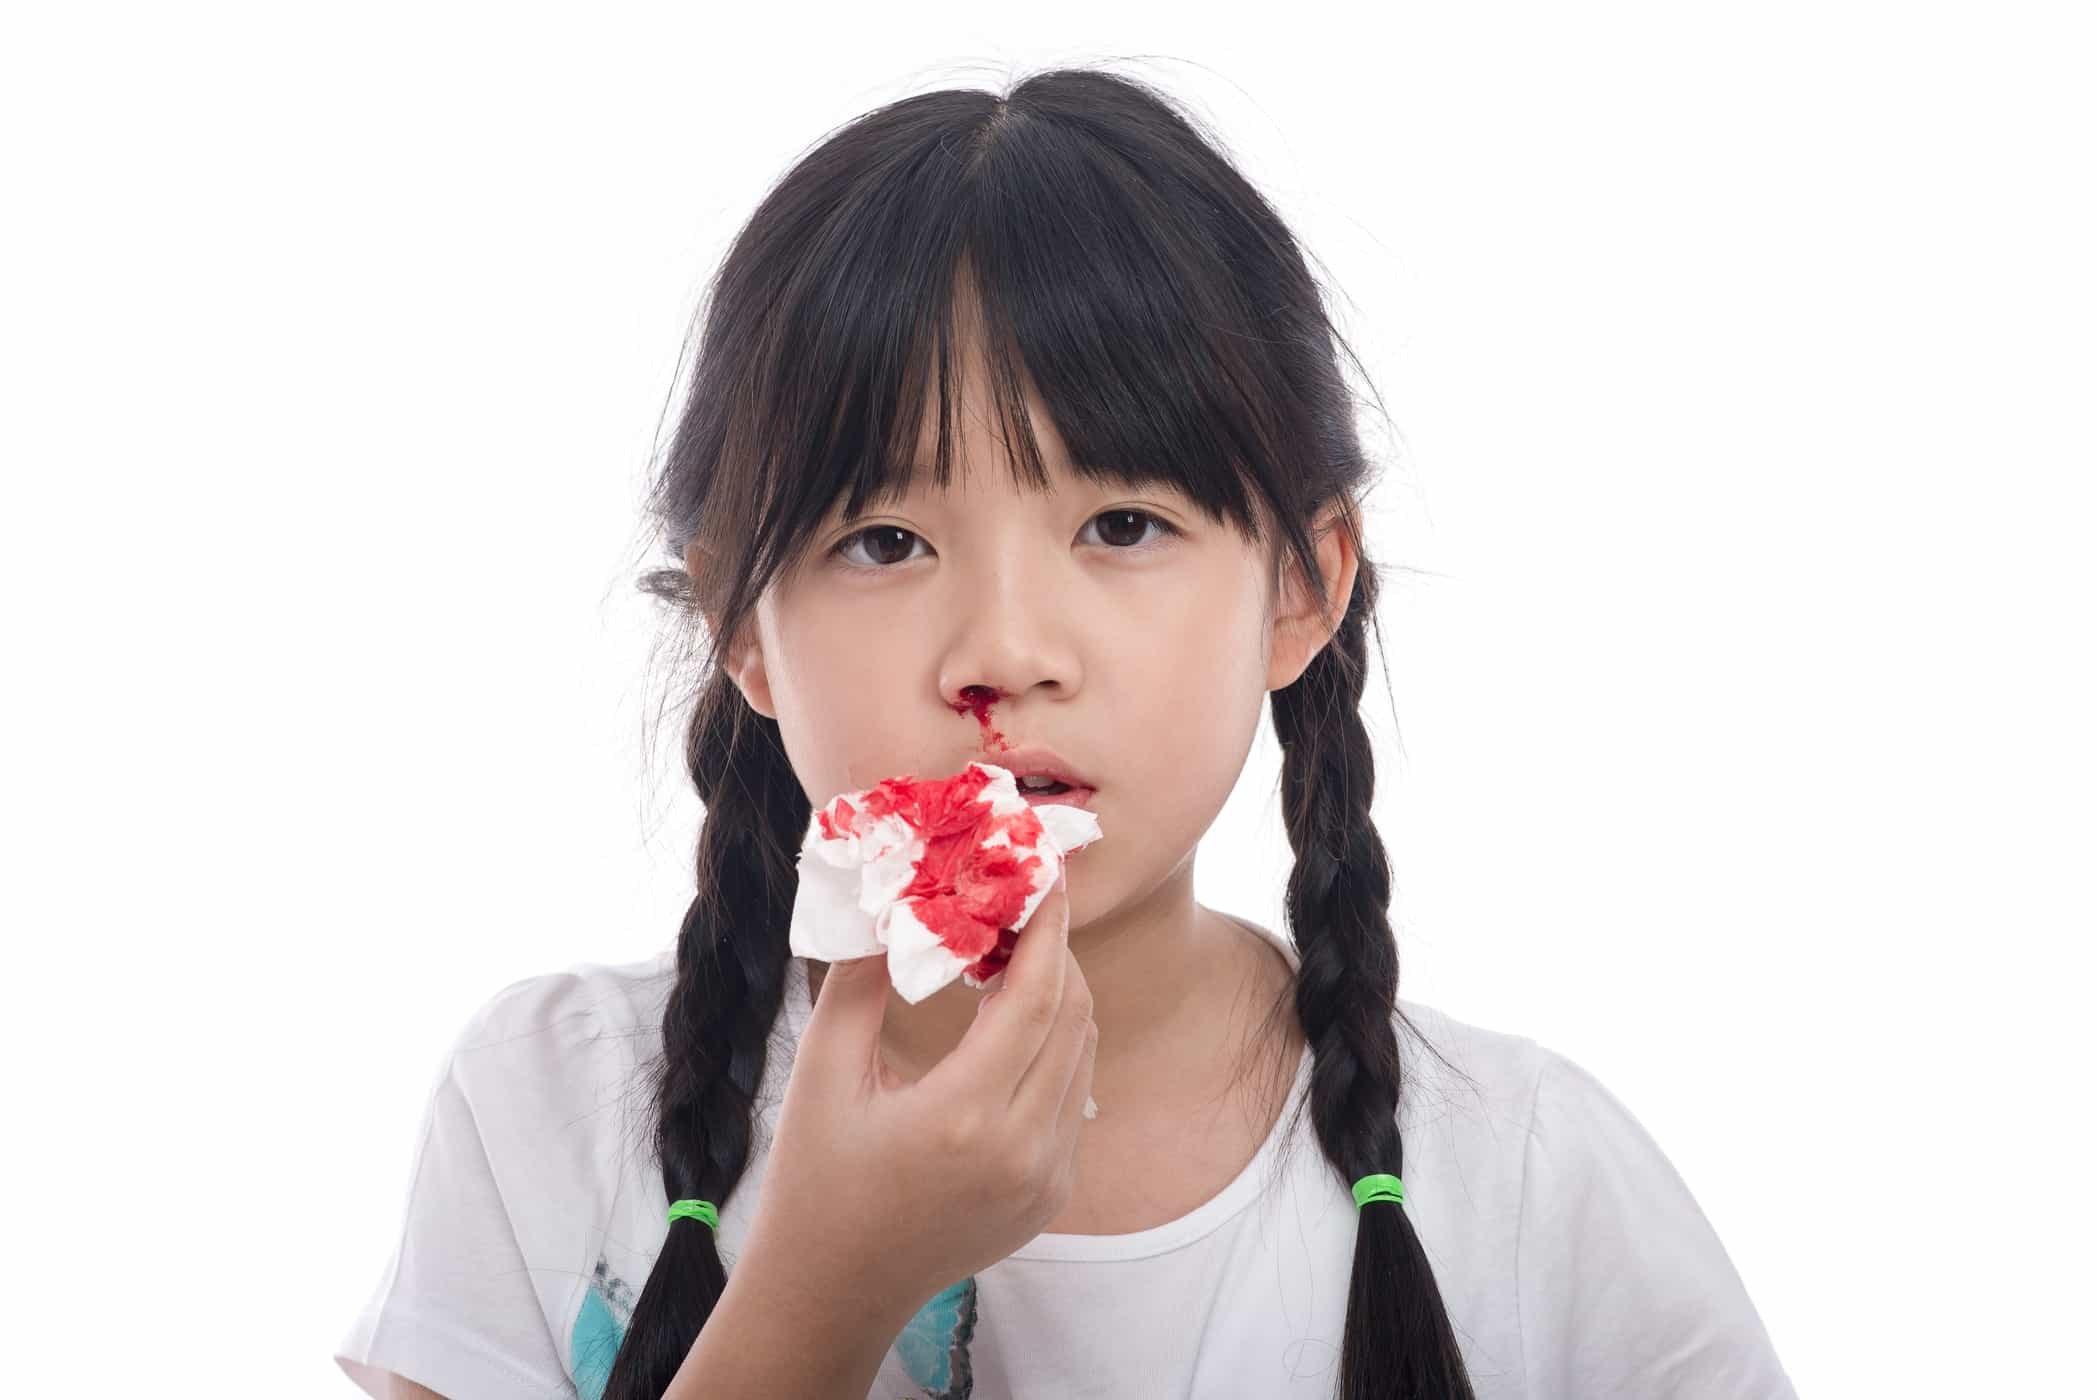 Chảy máu mũi có thể là dấu hiệu của ung thư máu